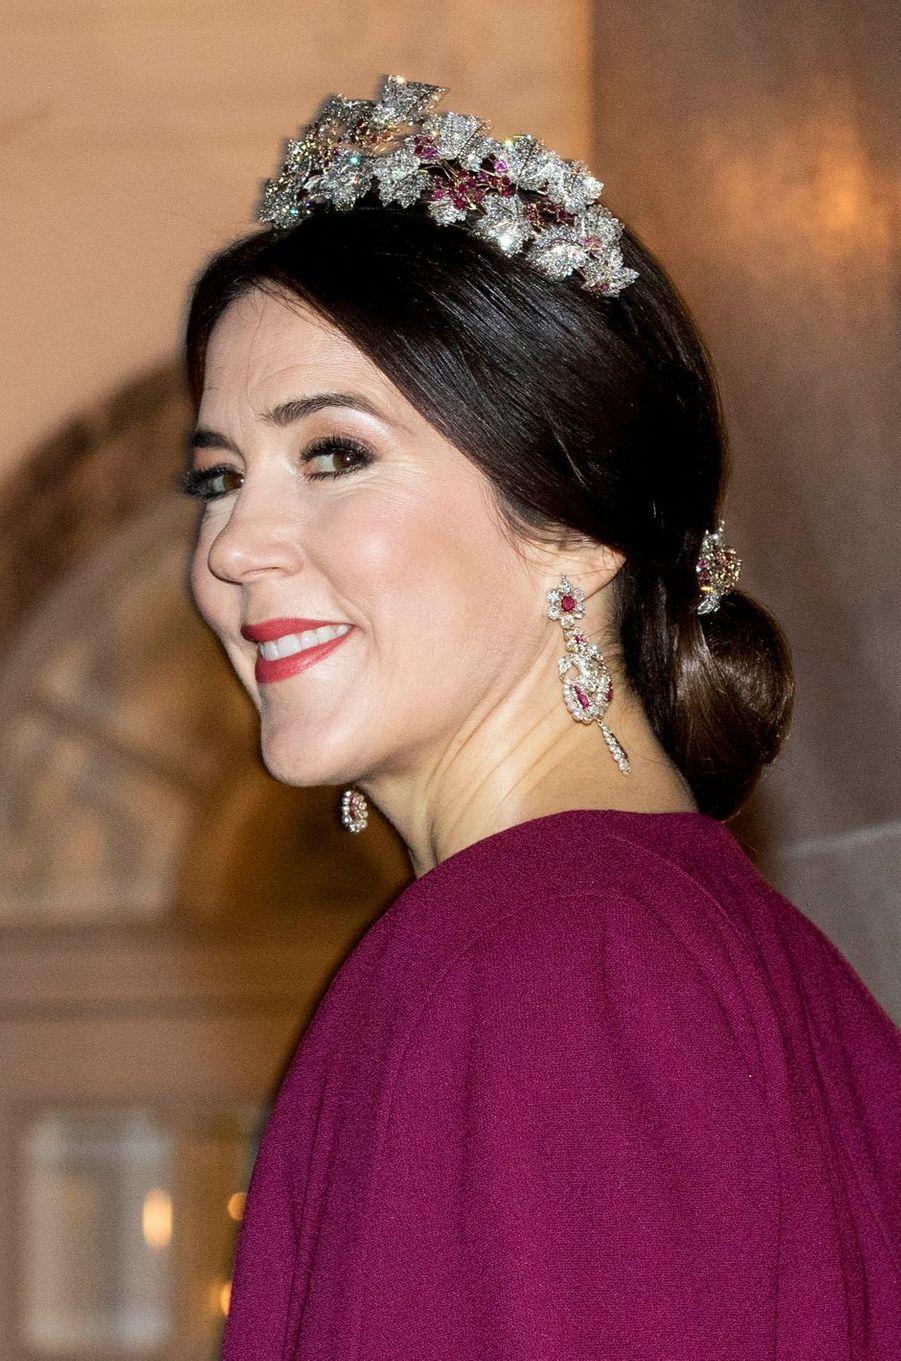 La plus rayonnante - Comme tous les ans, les princesses Mary et Marie de Danemark ont lancé ce dimanche 1er janvier l'année royale 2017 en prenant part au dîner du Nouvel An de la reine Margrethe II.